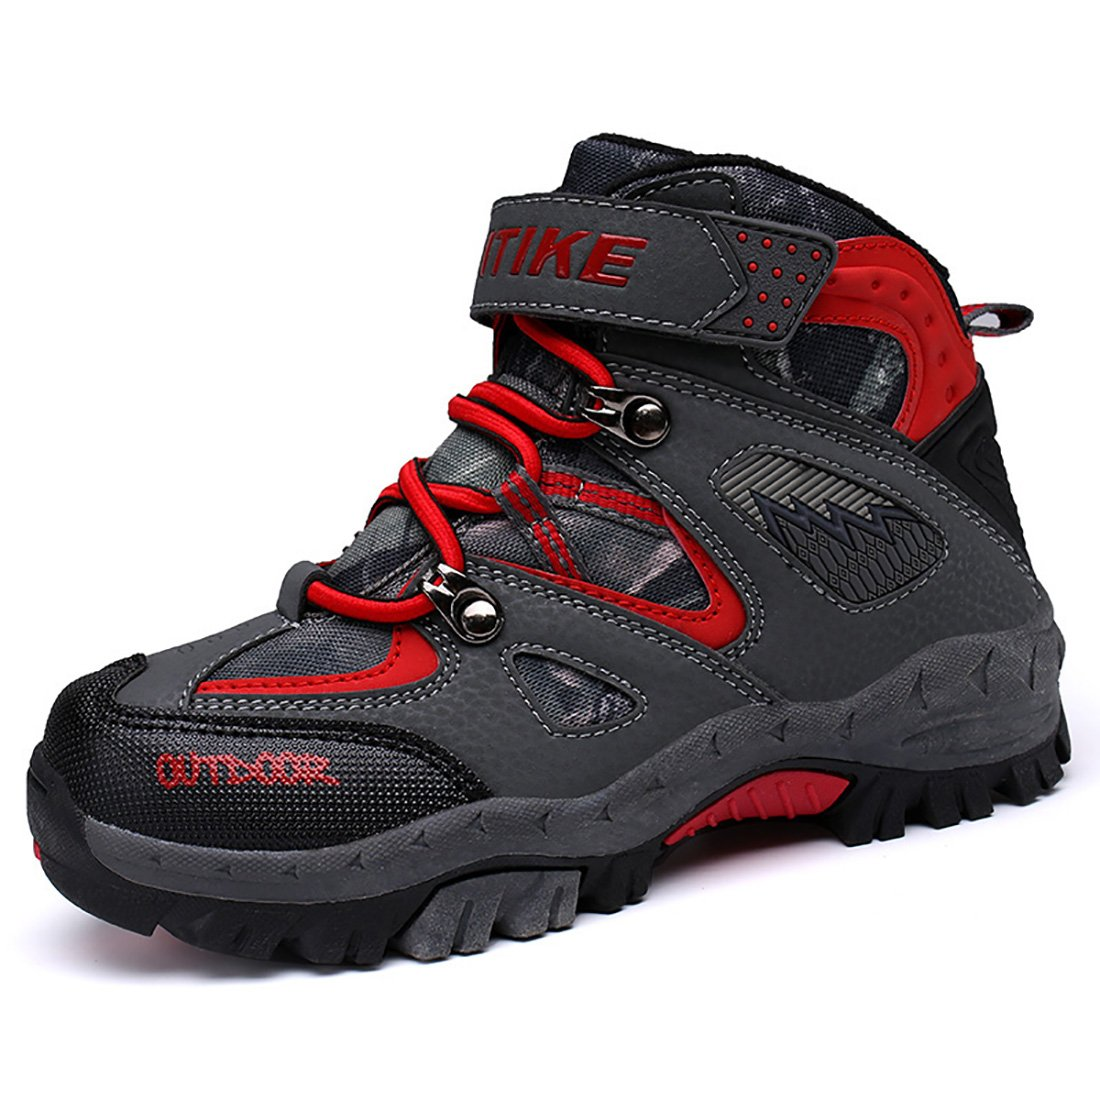 Boy's Snow Boots Kid's Winter Sneaker Big Little Kids Warm Shoes Anti Slip